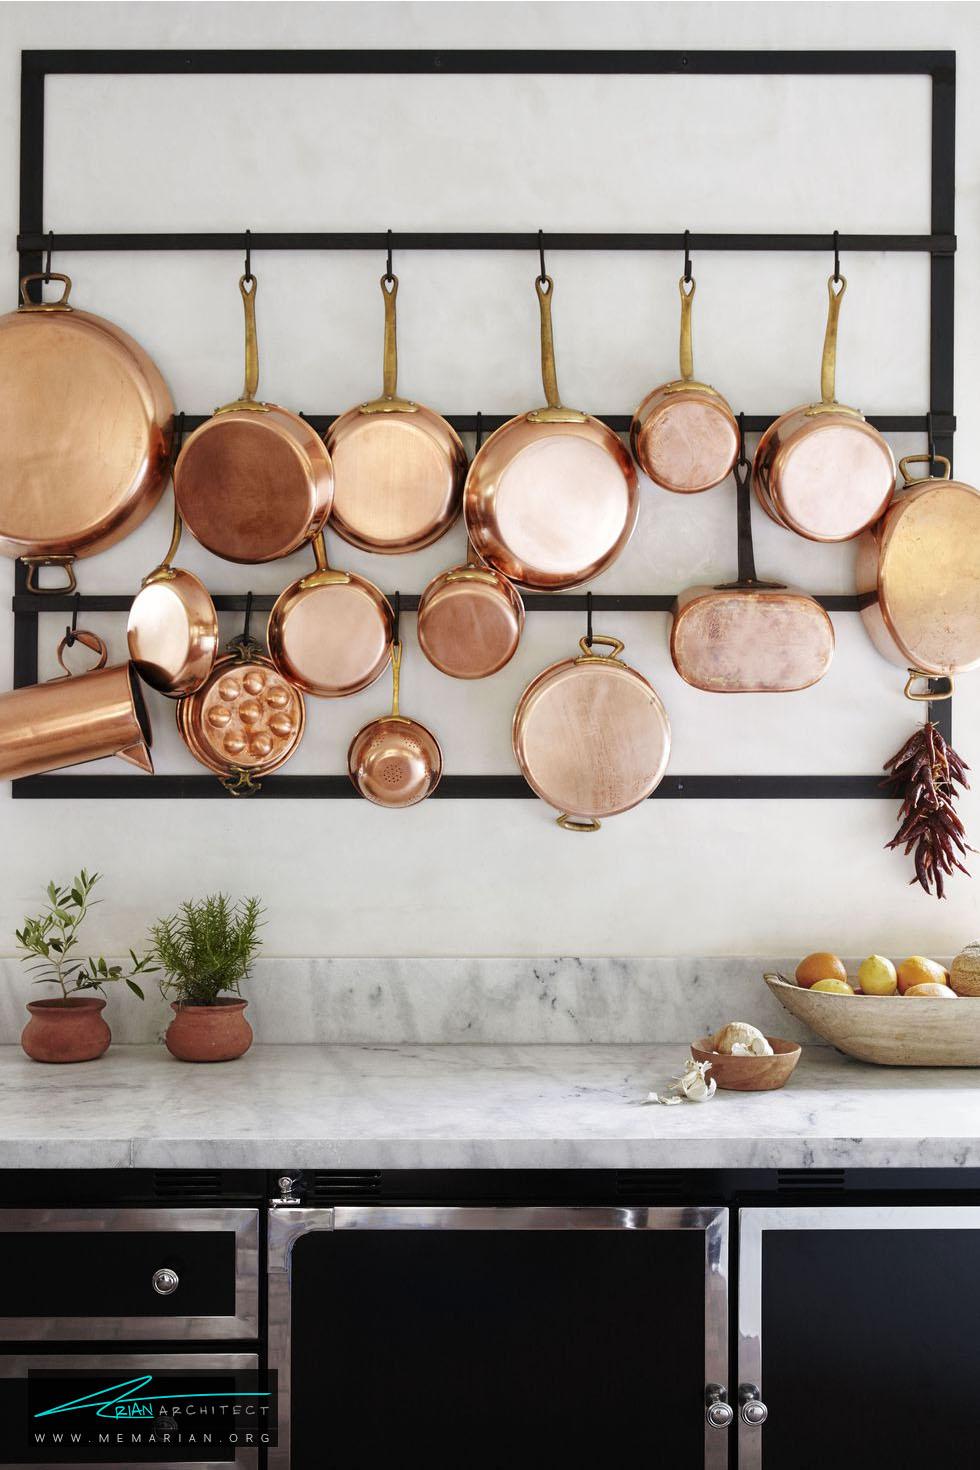 نگهدارنده وسایل آشپزخانه - 20 ایده جذاب برای دکوراسیون آشپزخانه